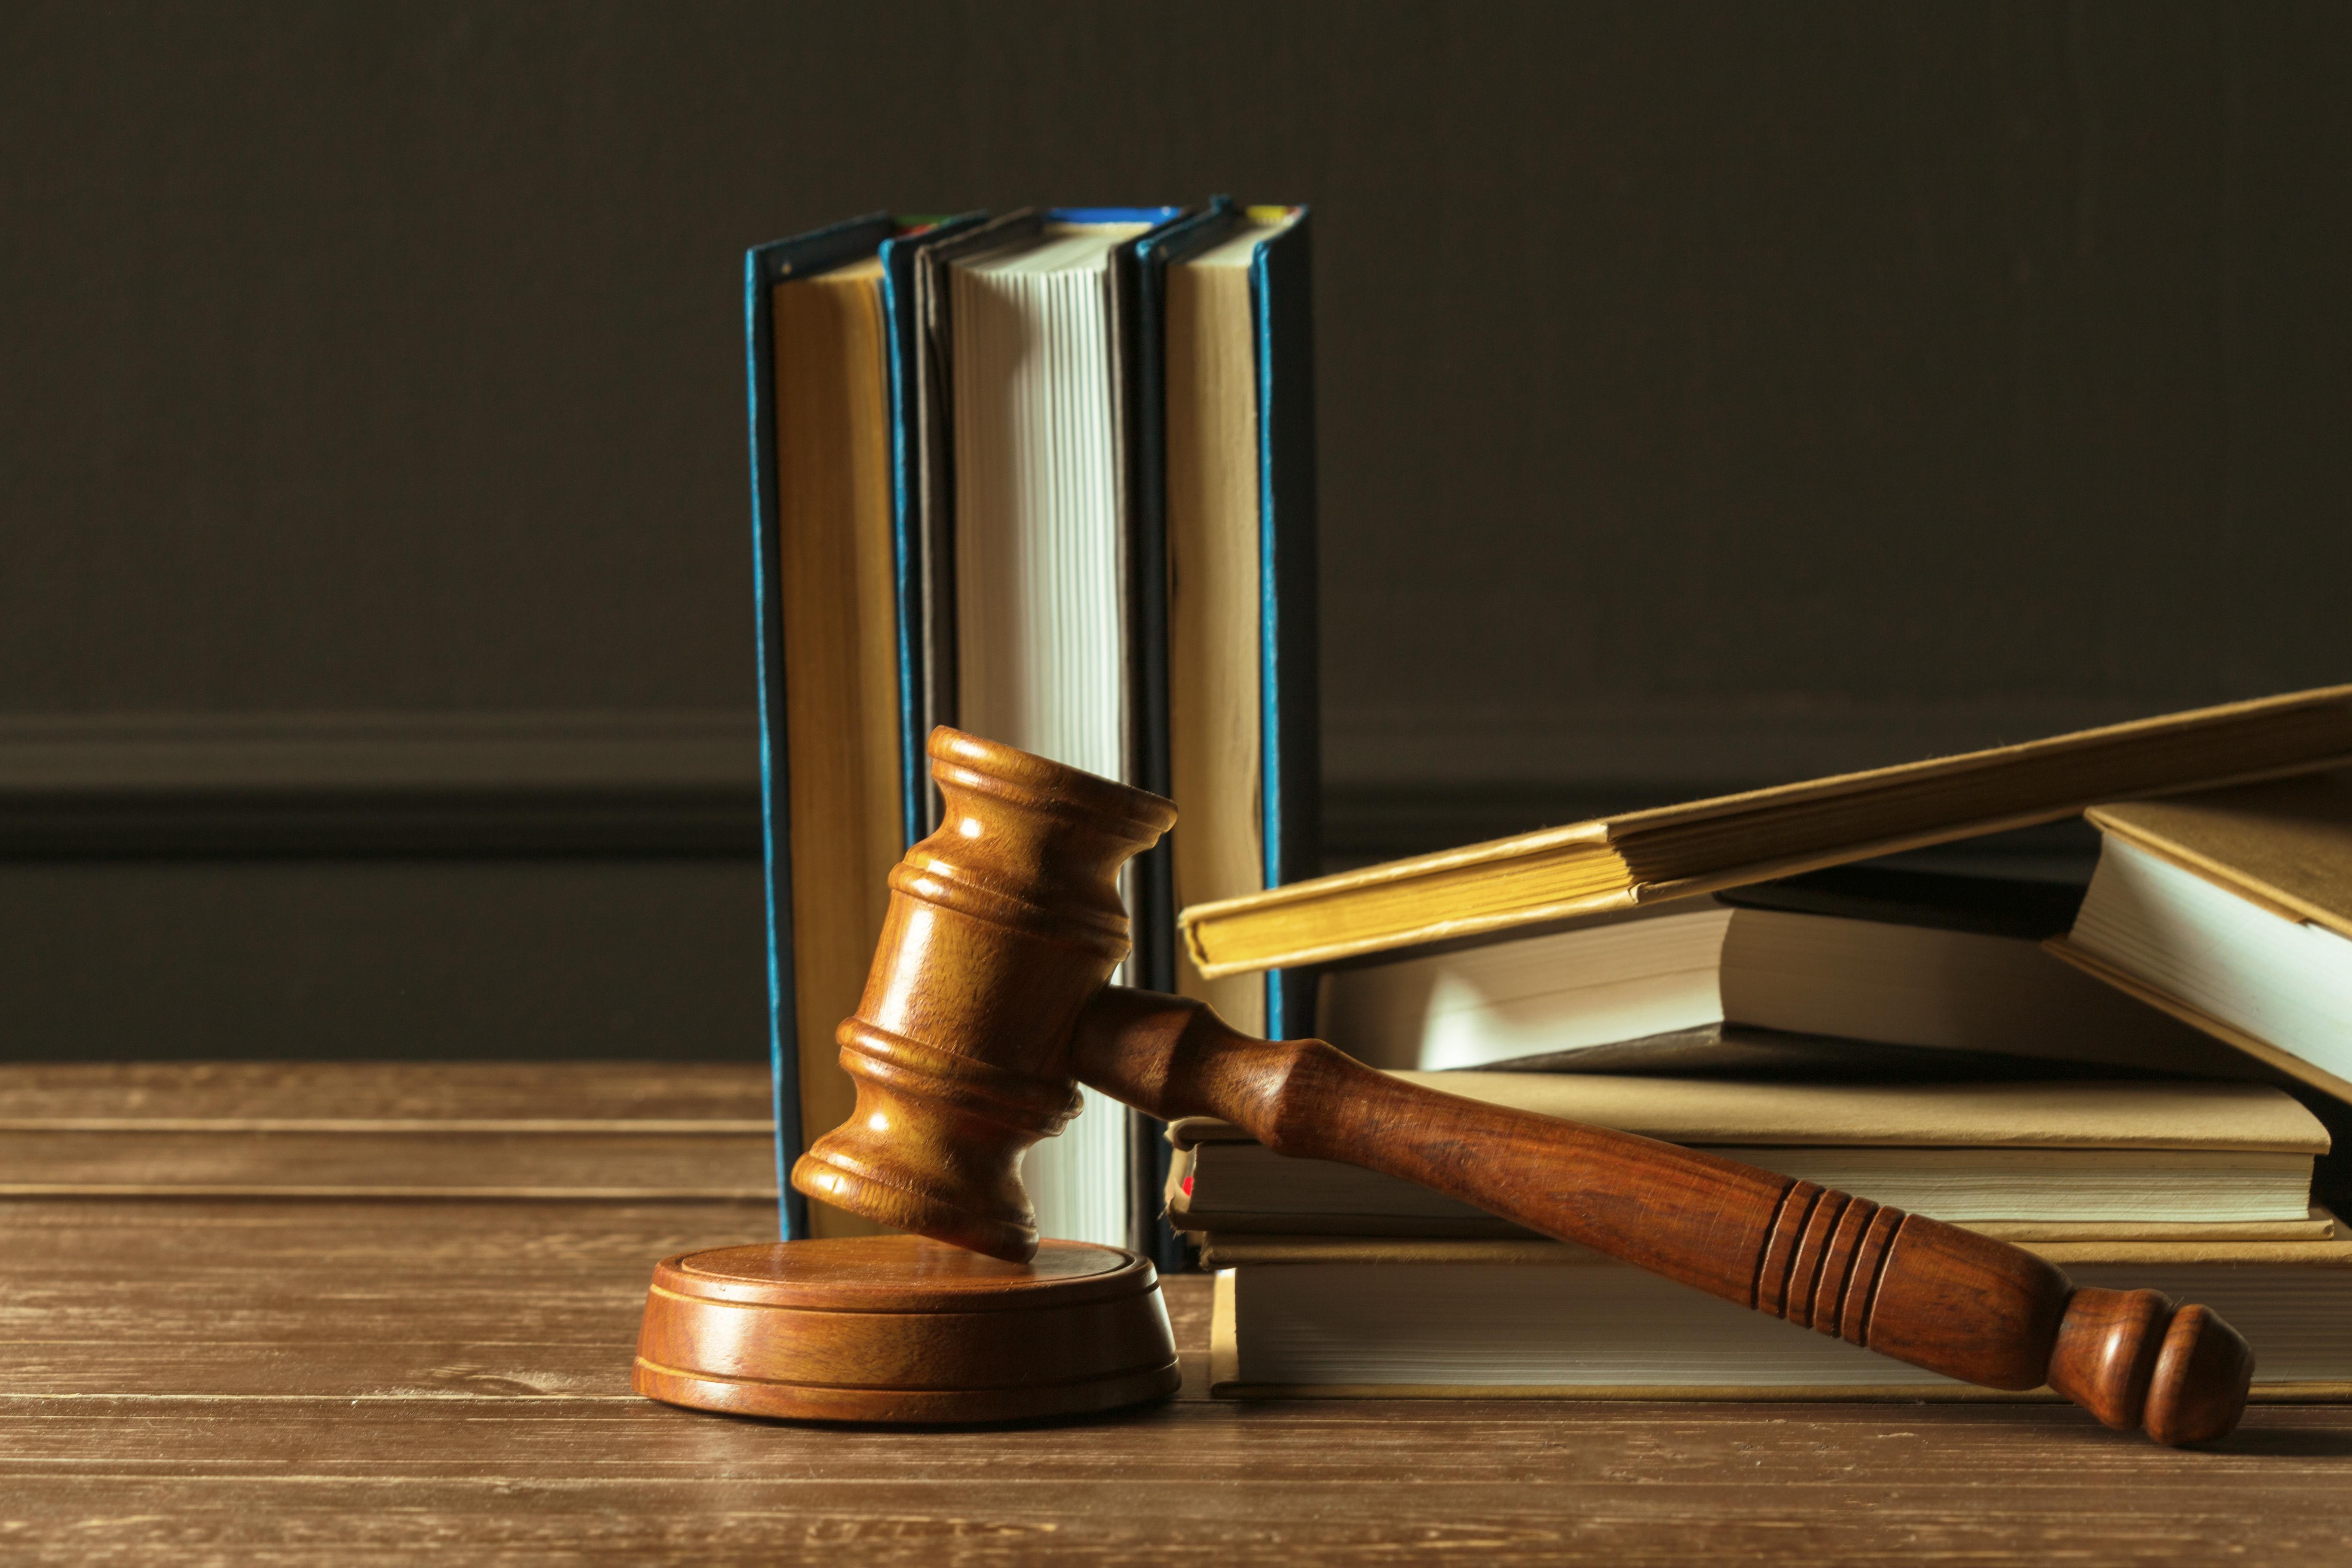 Anayasa Hukuku Pratikleri, İstanbul Üniversitesi Hukuk Fakültesi 2018 Vize Sınavı ve Cevap Anahtarı. Hukuk Sebili aracılığı ile.